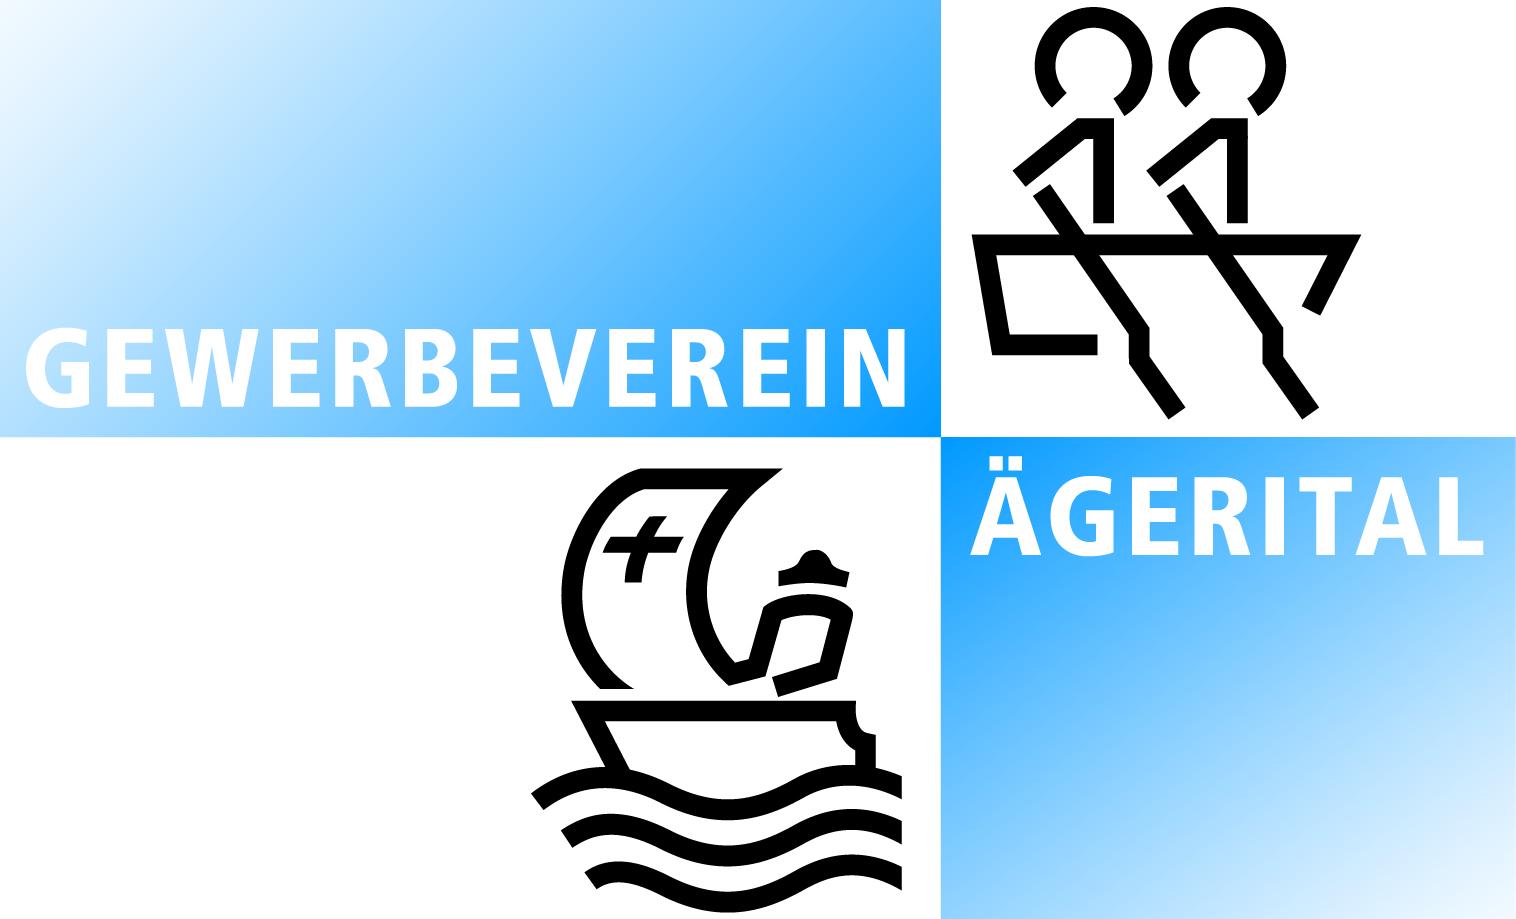 https://gewerbe-aegeri.ch/uploads/389/admin/website_header/gewerbeverein_cmyk.jpg